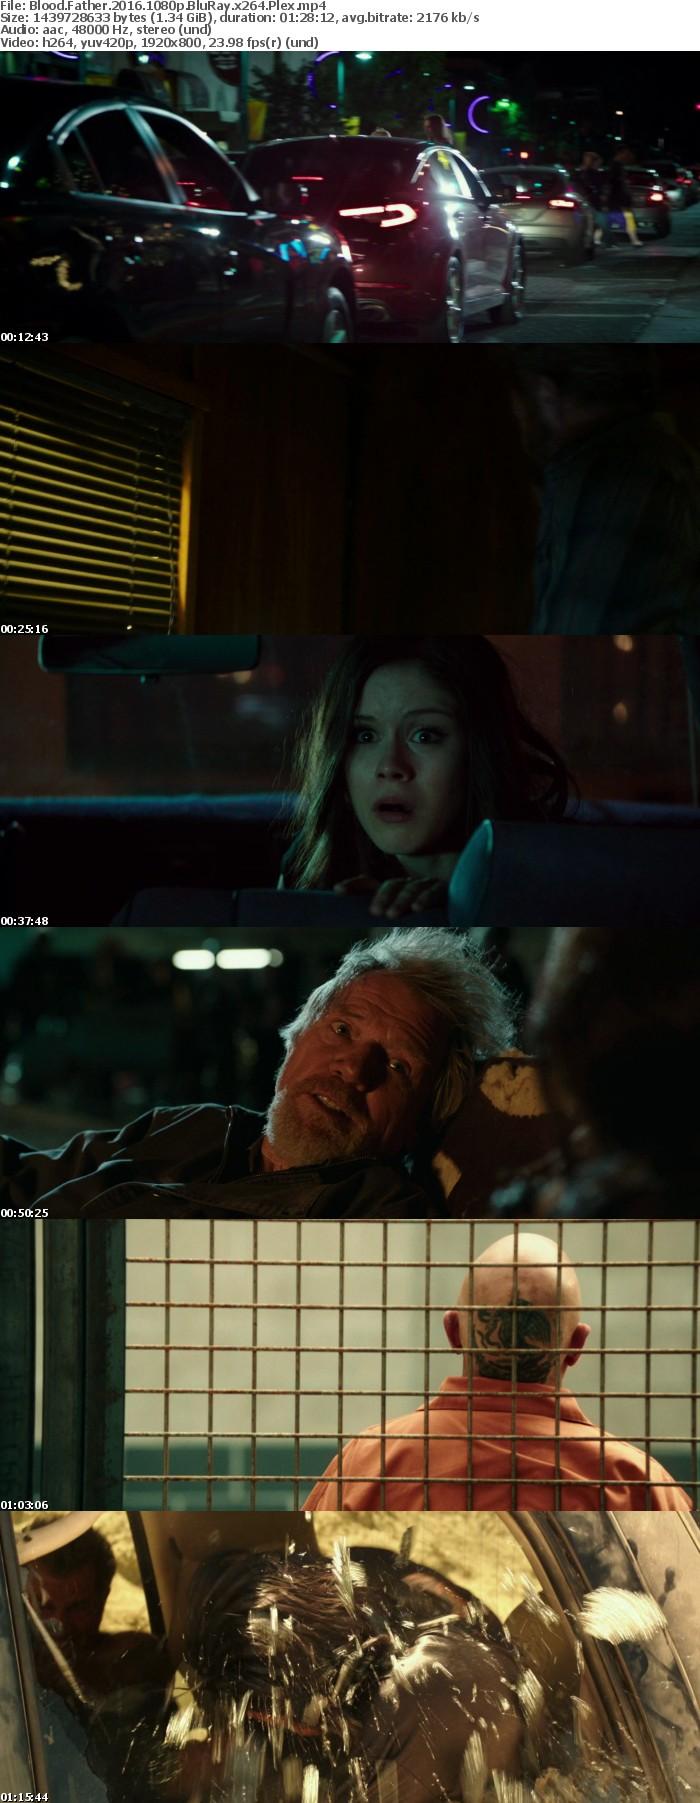 Blood Father 2016 1080p BluRay x264 Plex